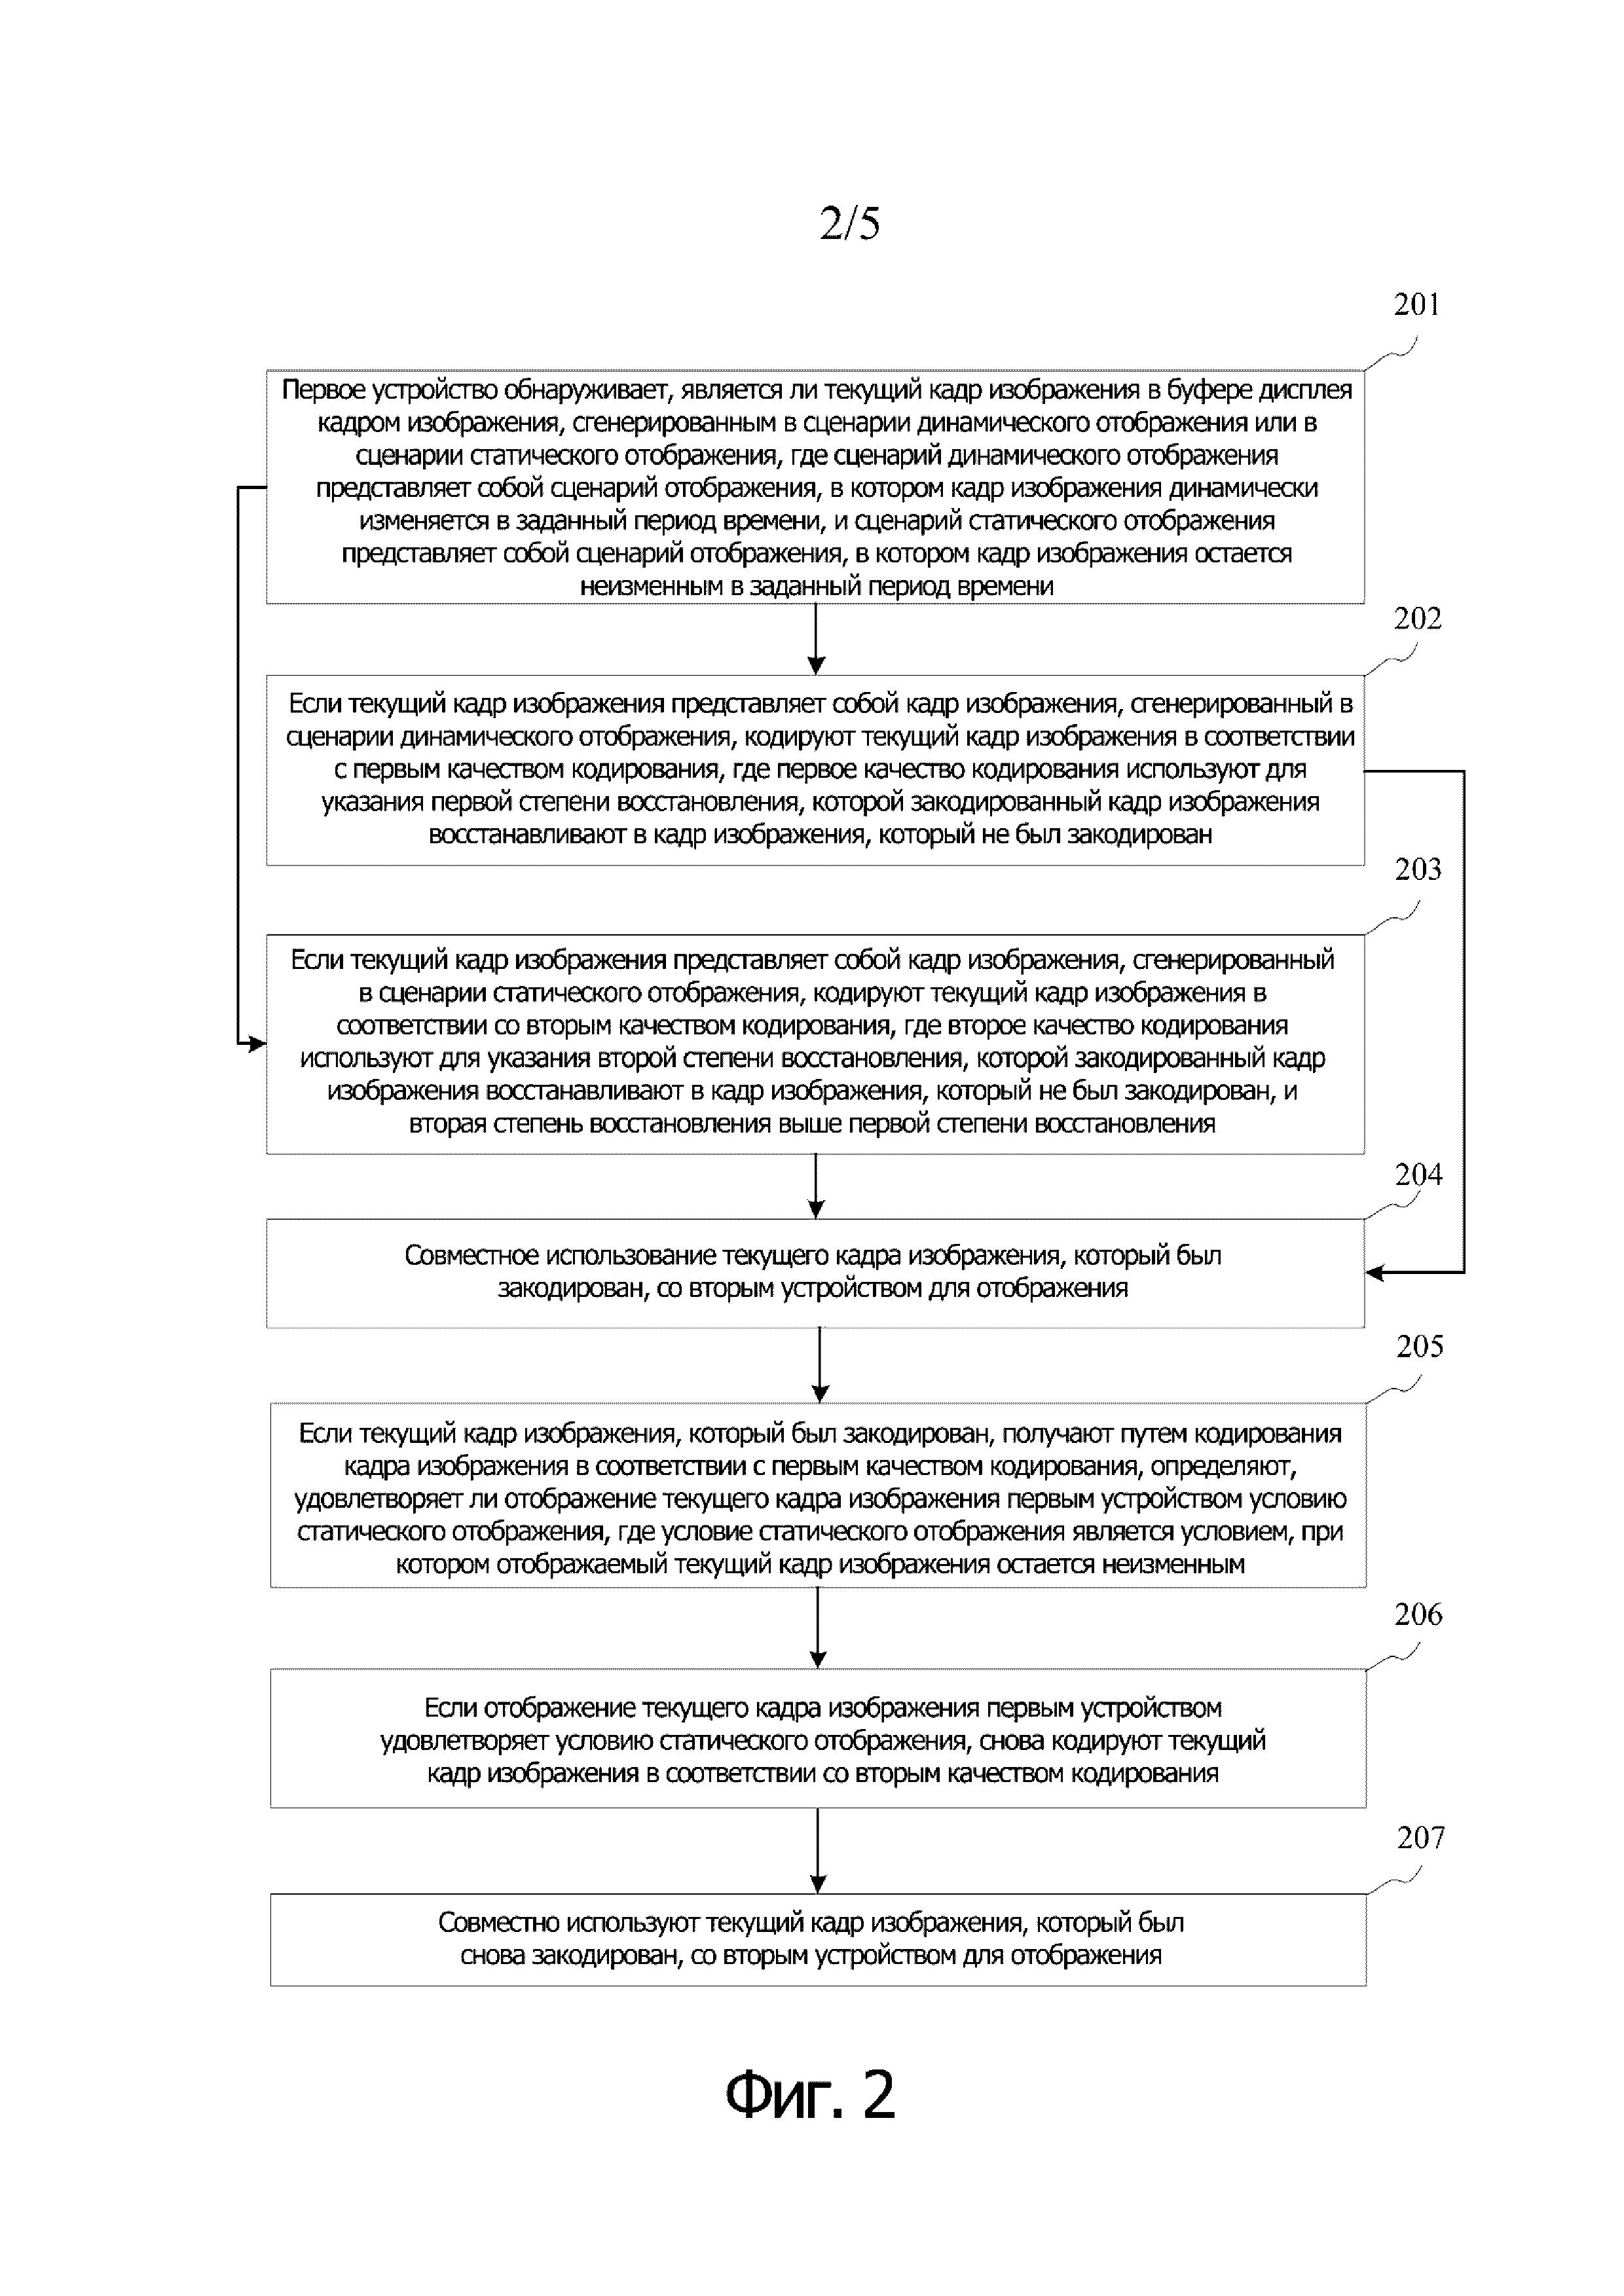 Способ и устройство для обработки данных